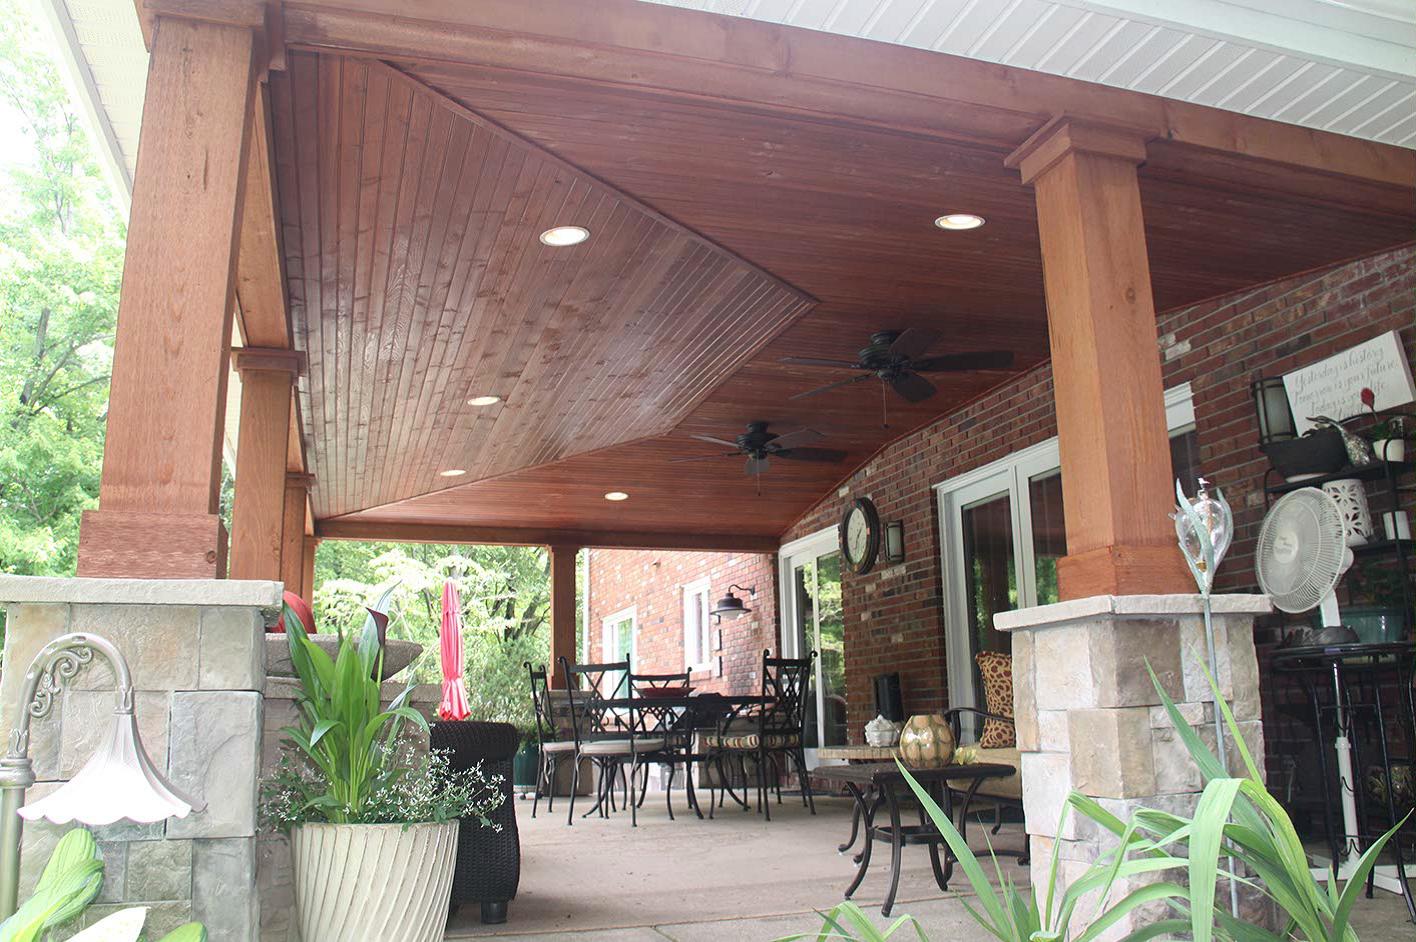 Underside Rustic Patio Patio Roof Deck With Pergola